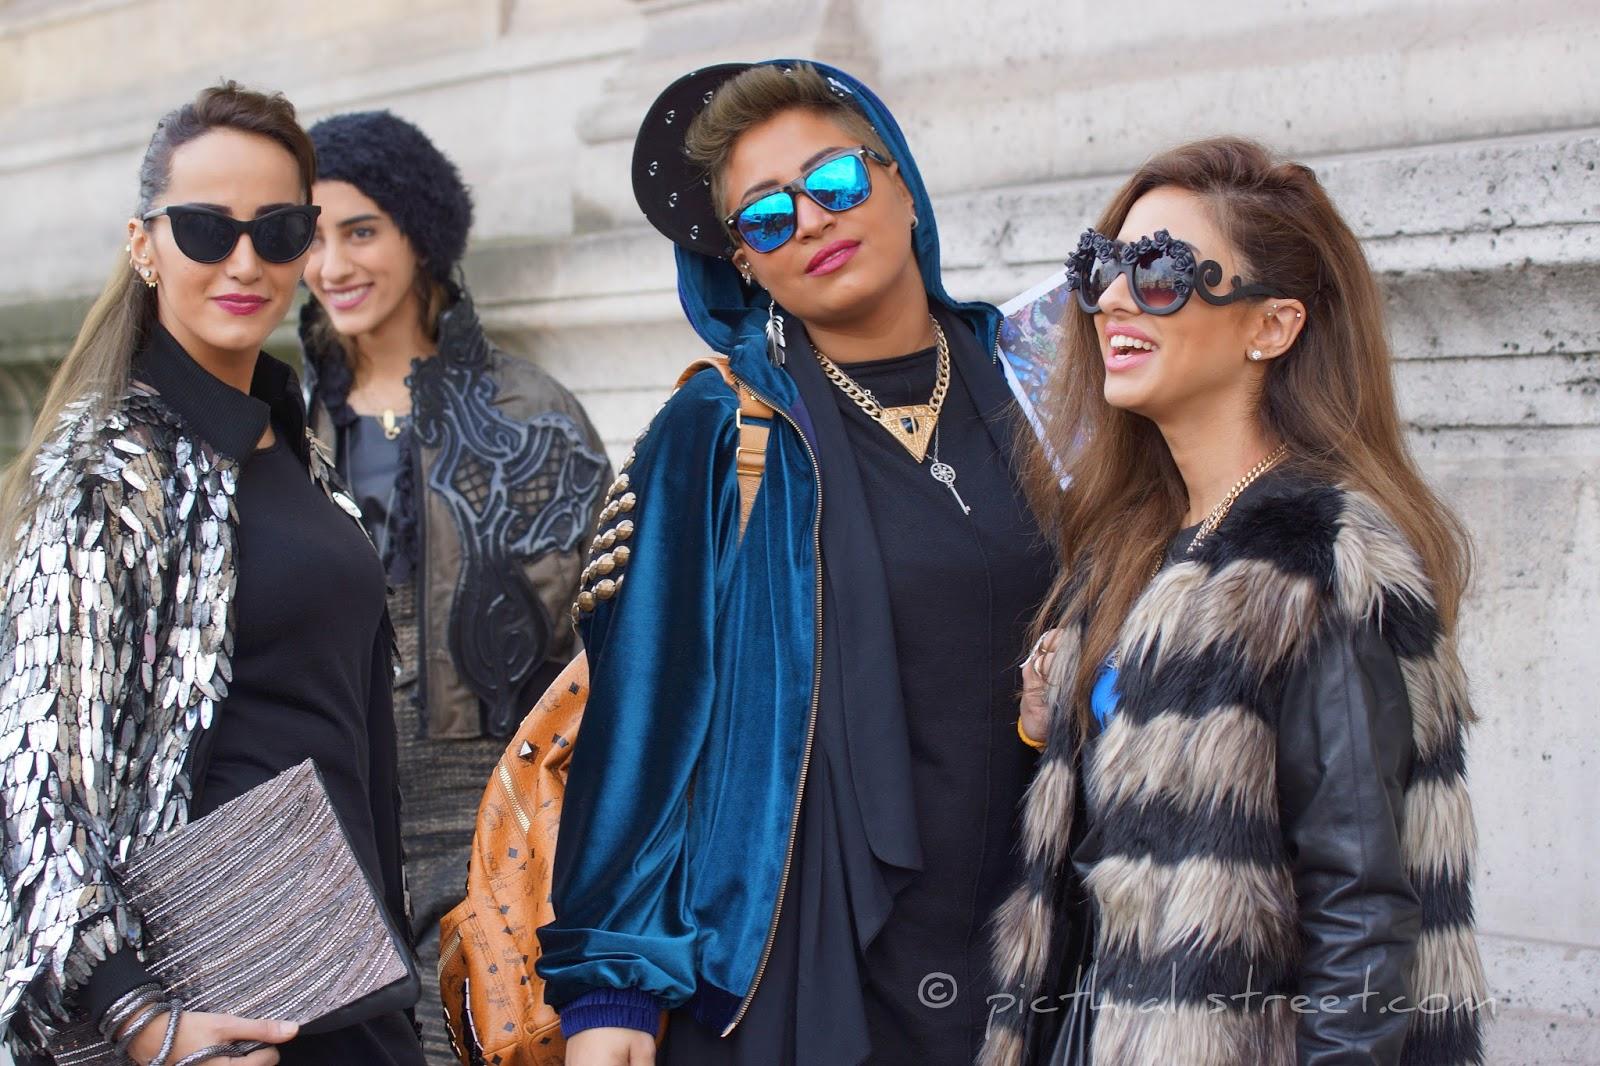 Street look Fashion Week 2